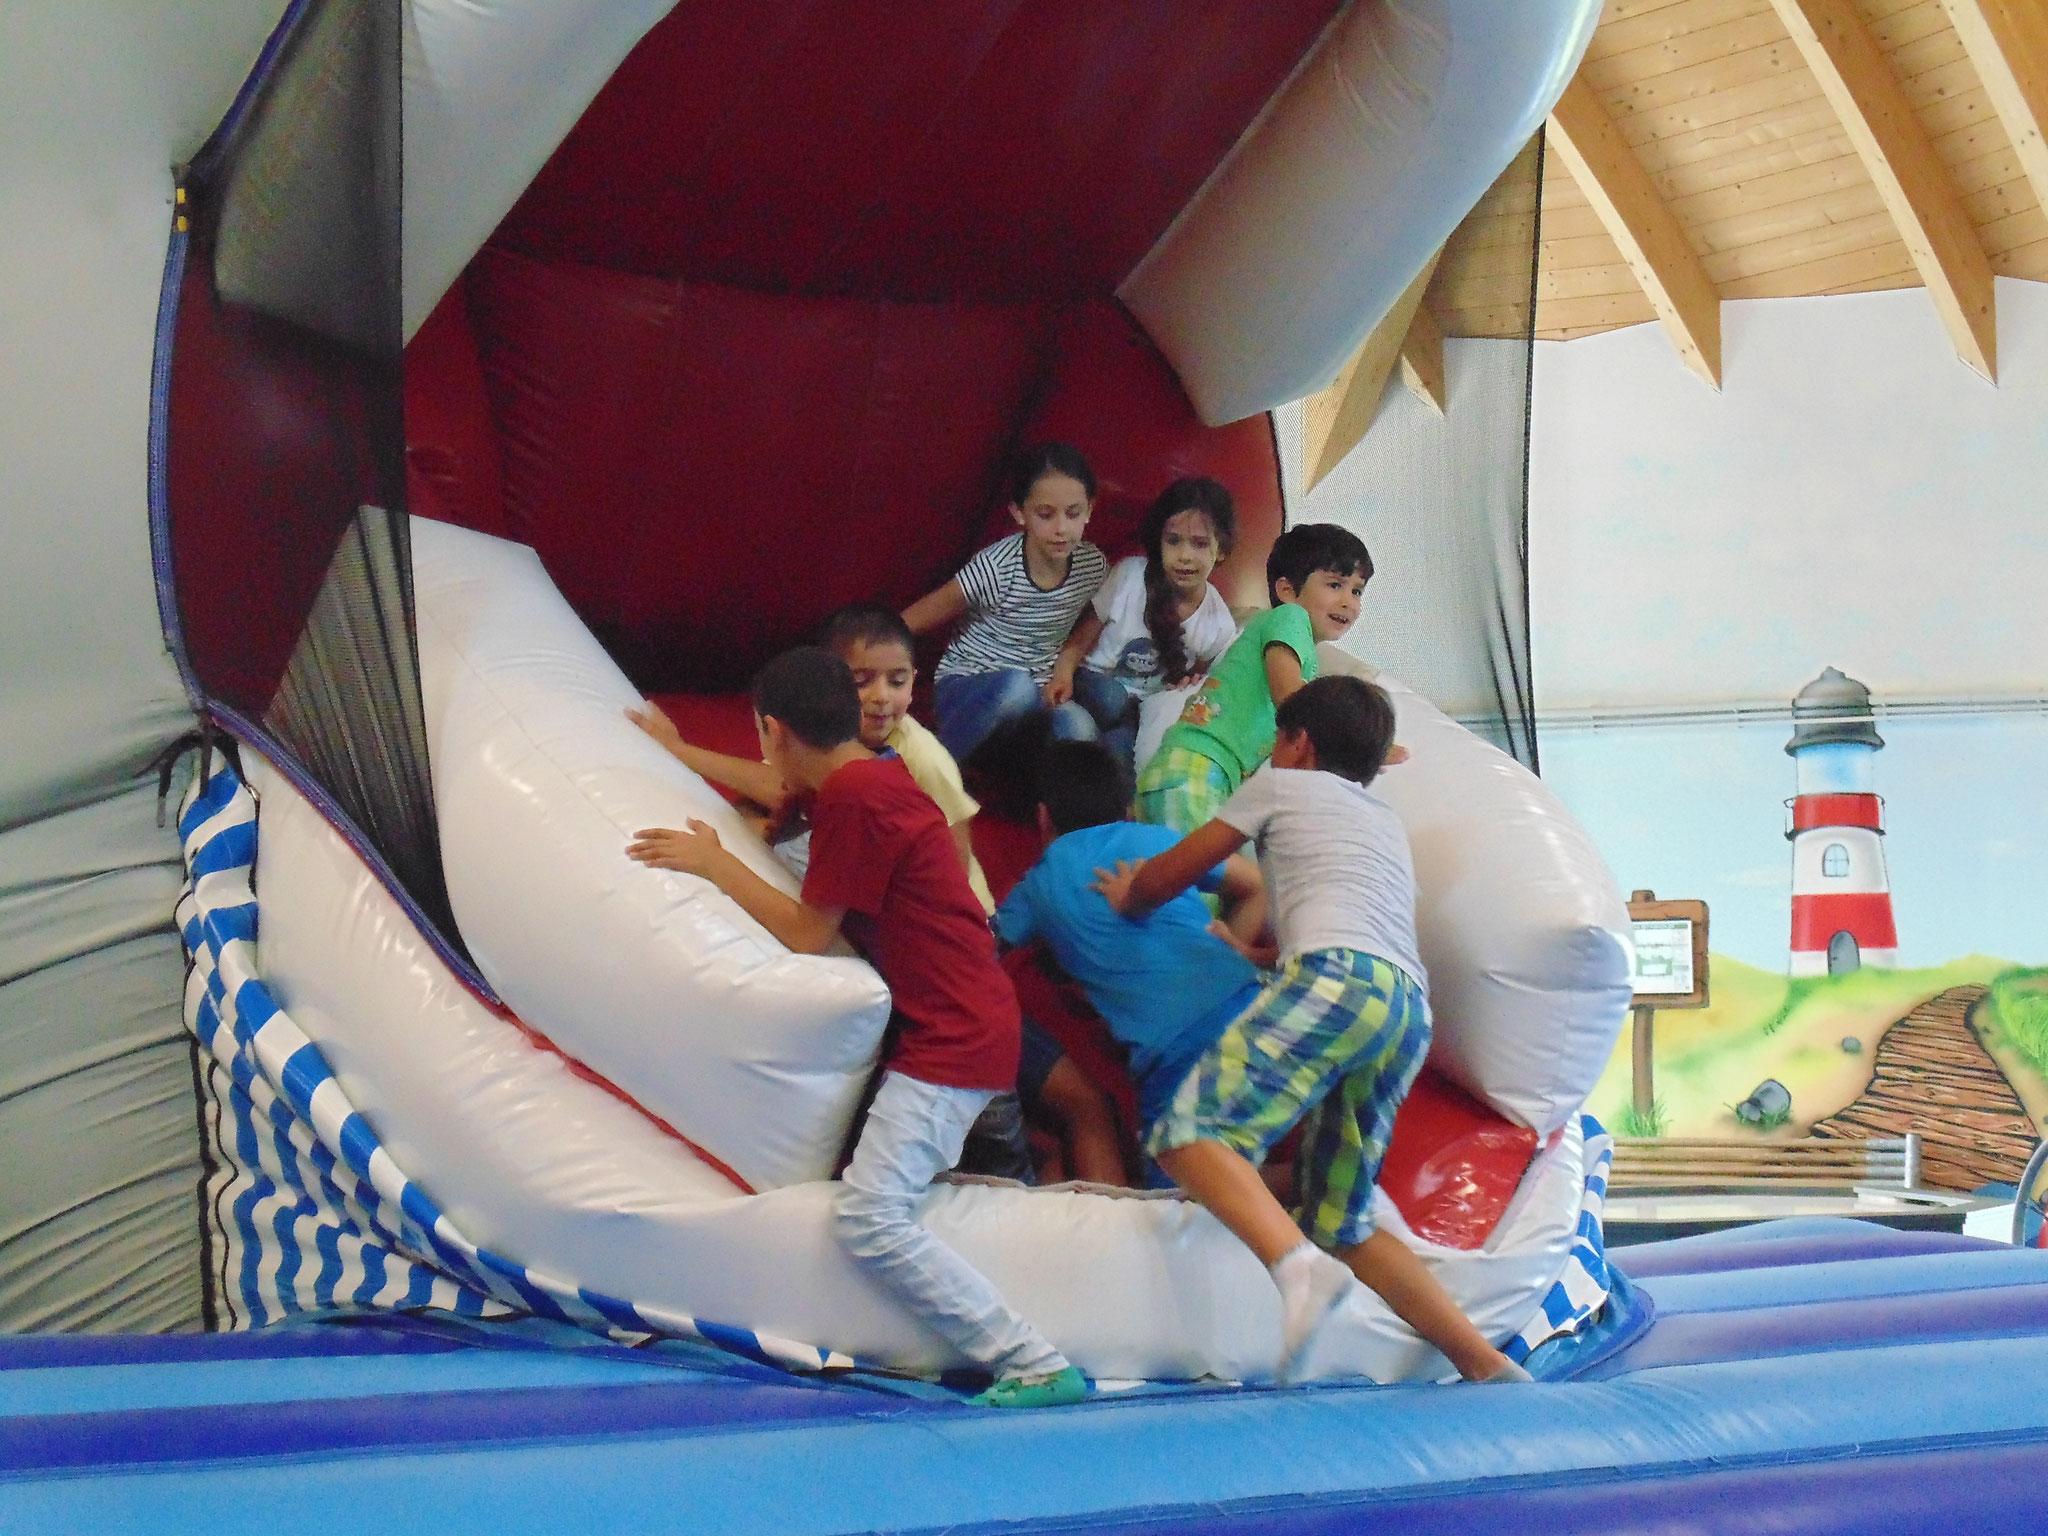 Kinder vergnügen sich im Hüpfburg-Wal. Fotos: Jan Klöpper;